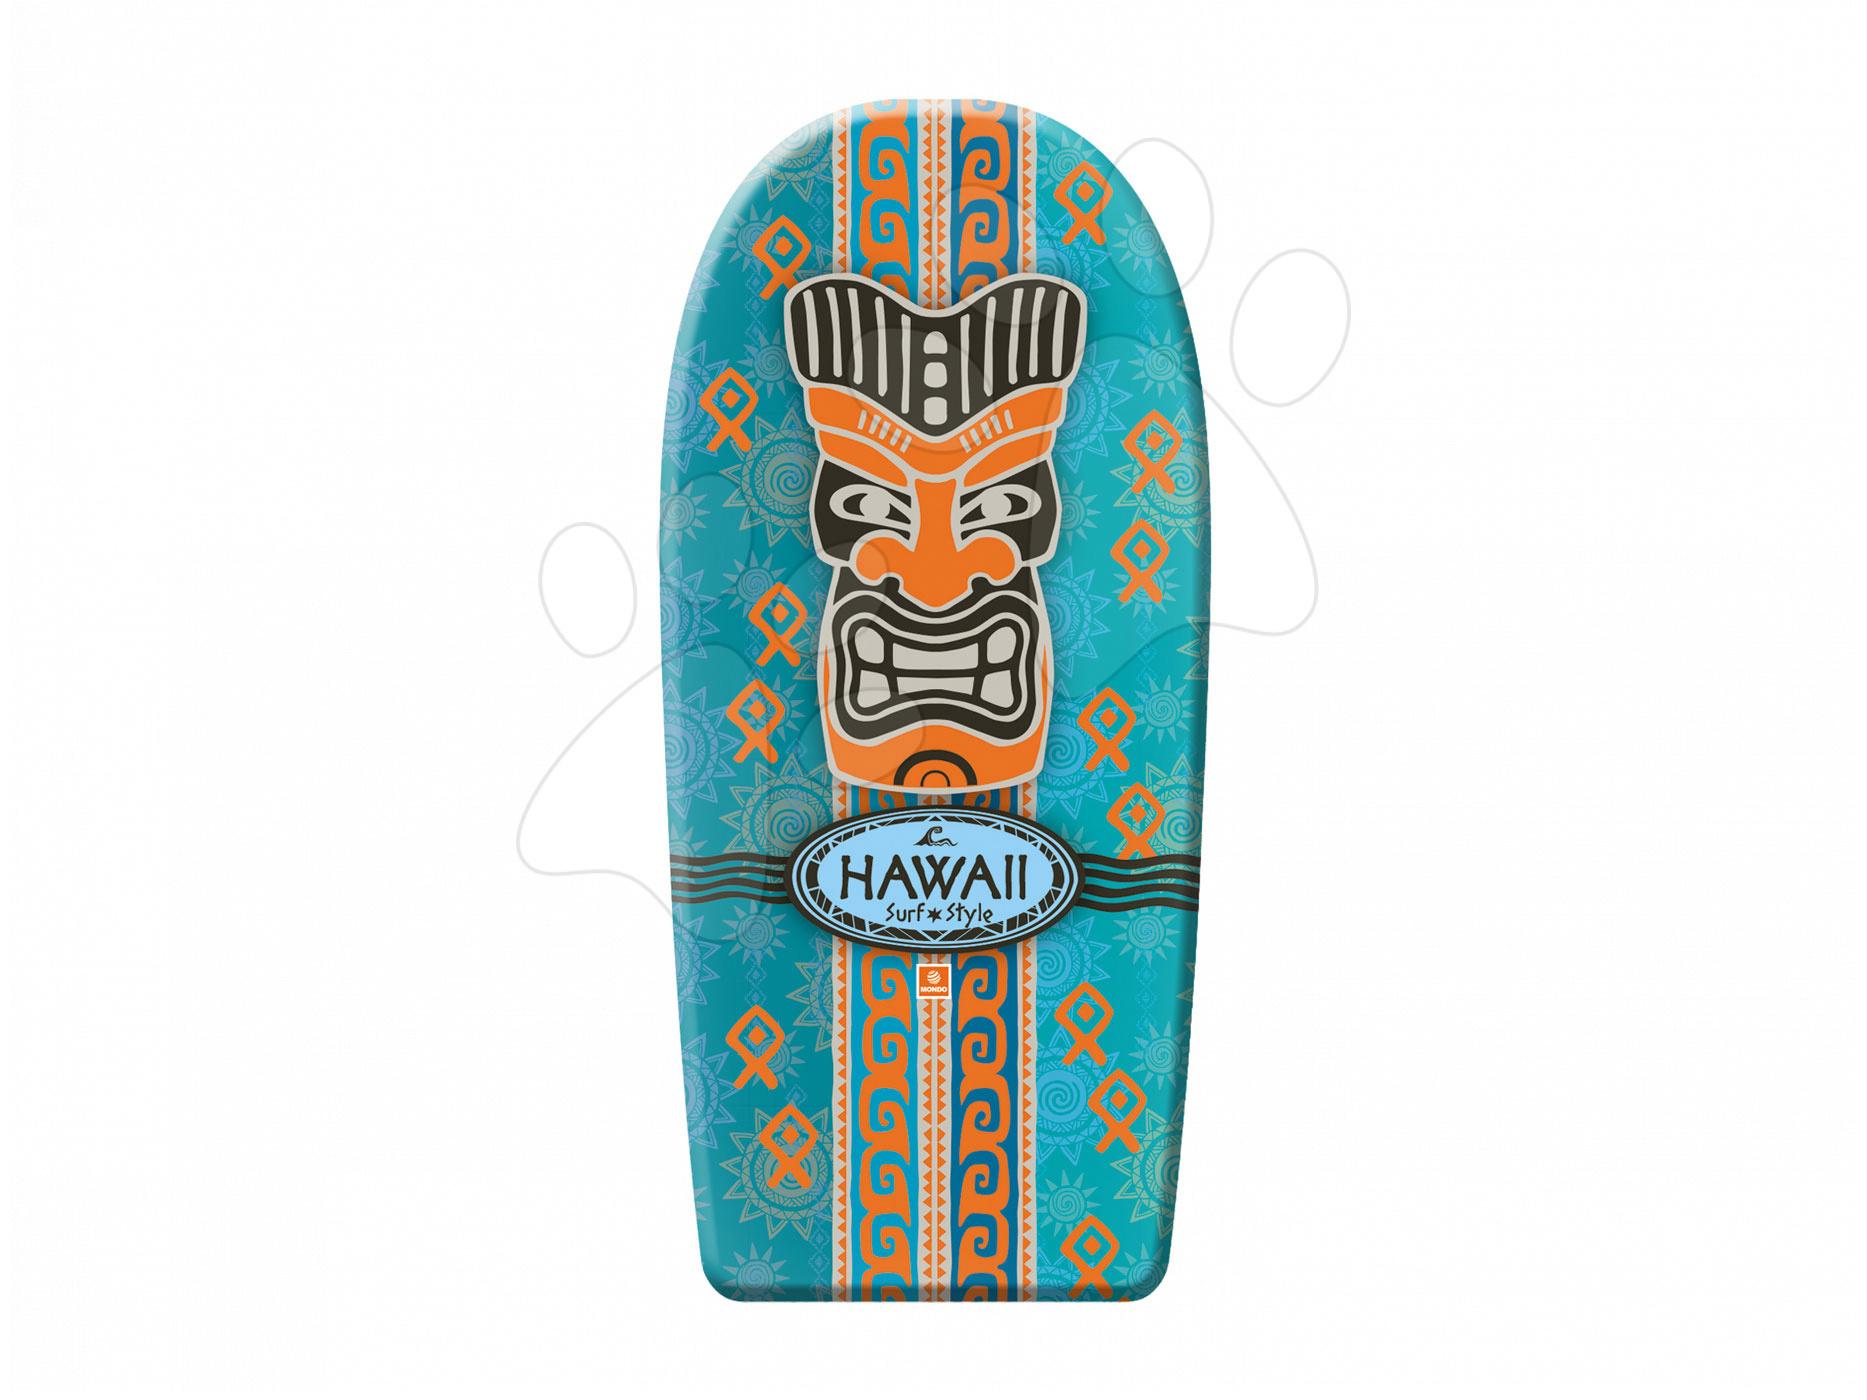 Pěnová deska na plavání Fantasy Mondo 94 cm Hawaii